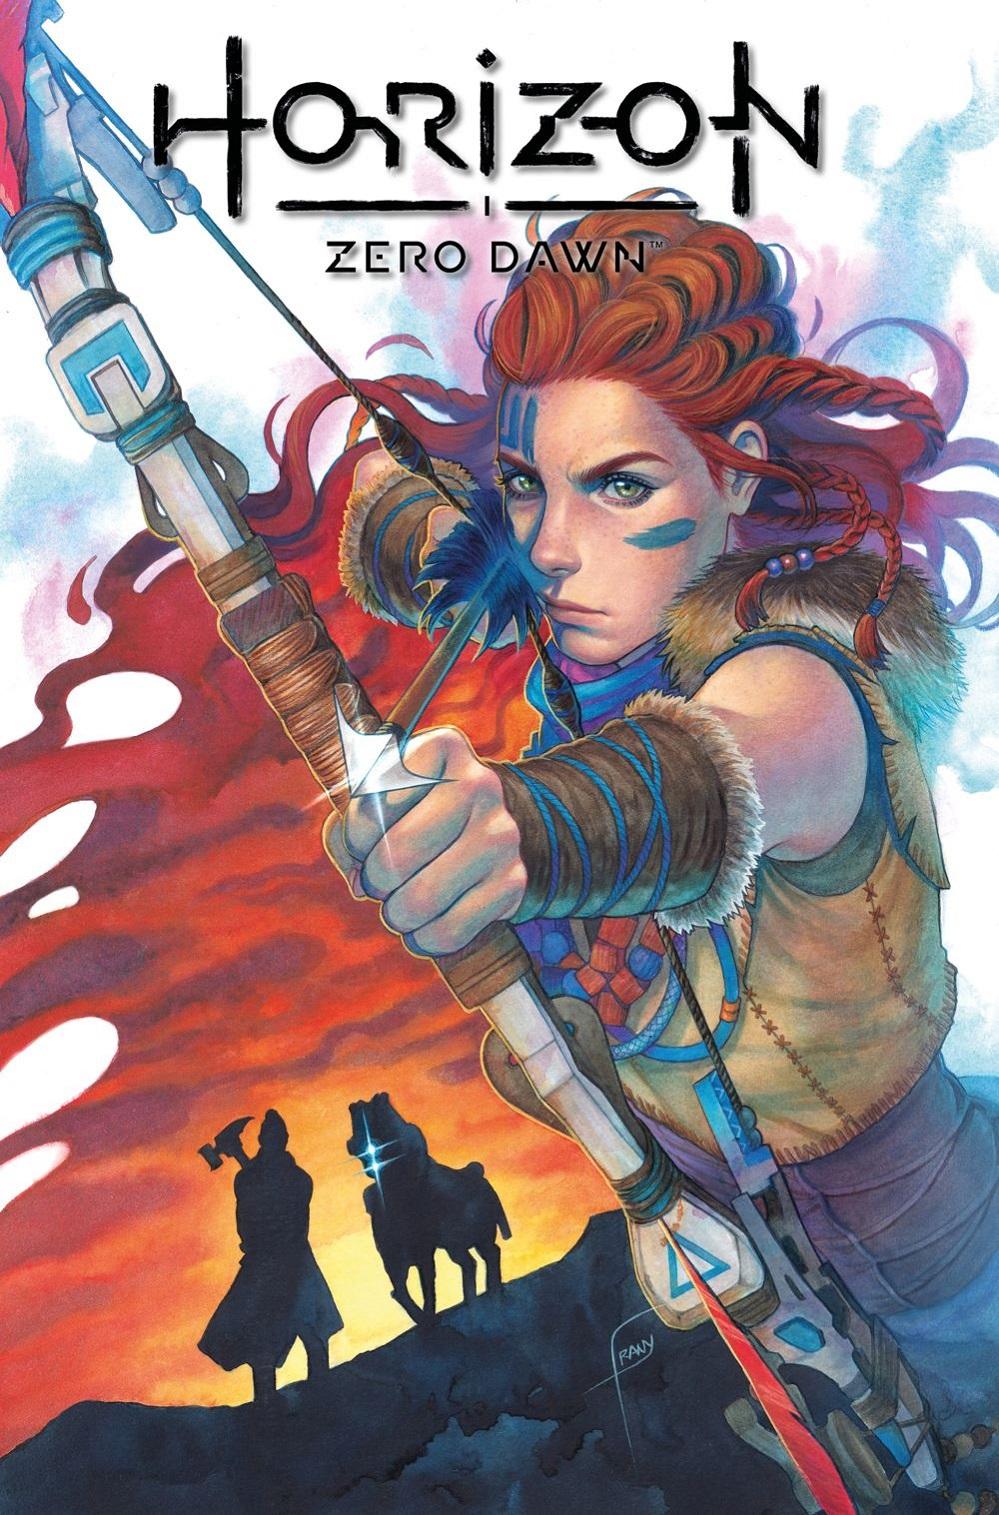 HorizonZeroDawn_2_A_FRANY Titan Comics August 2021 Solicitations